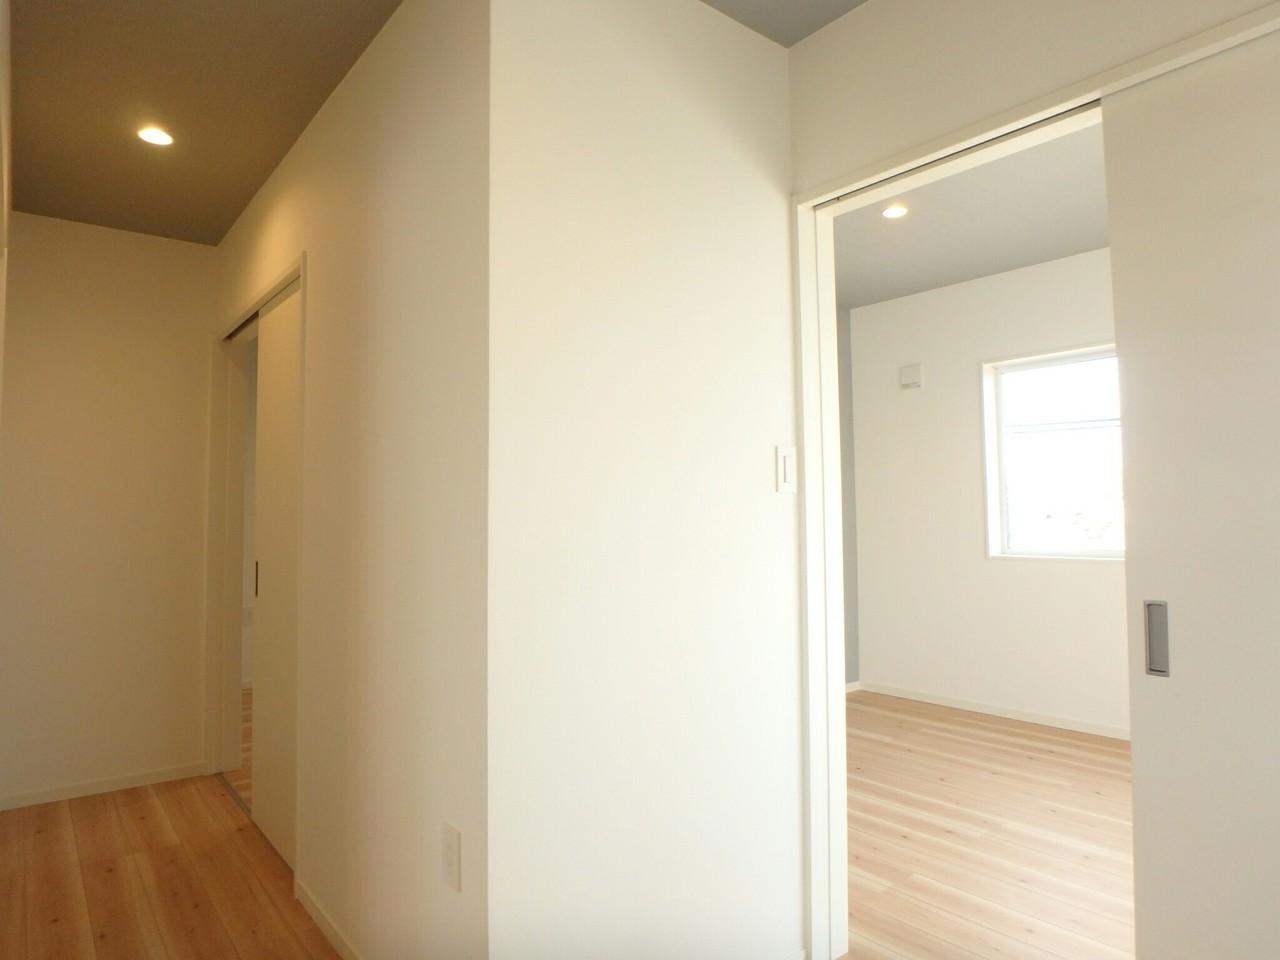 2階洋室のドアはは3部屋ともにスライドドアになっています。 お部屋をスムーズに移動できますね。